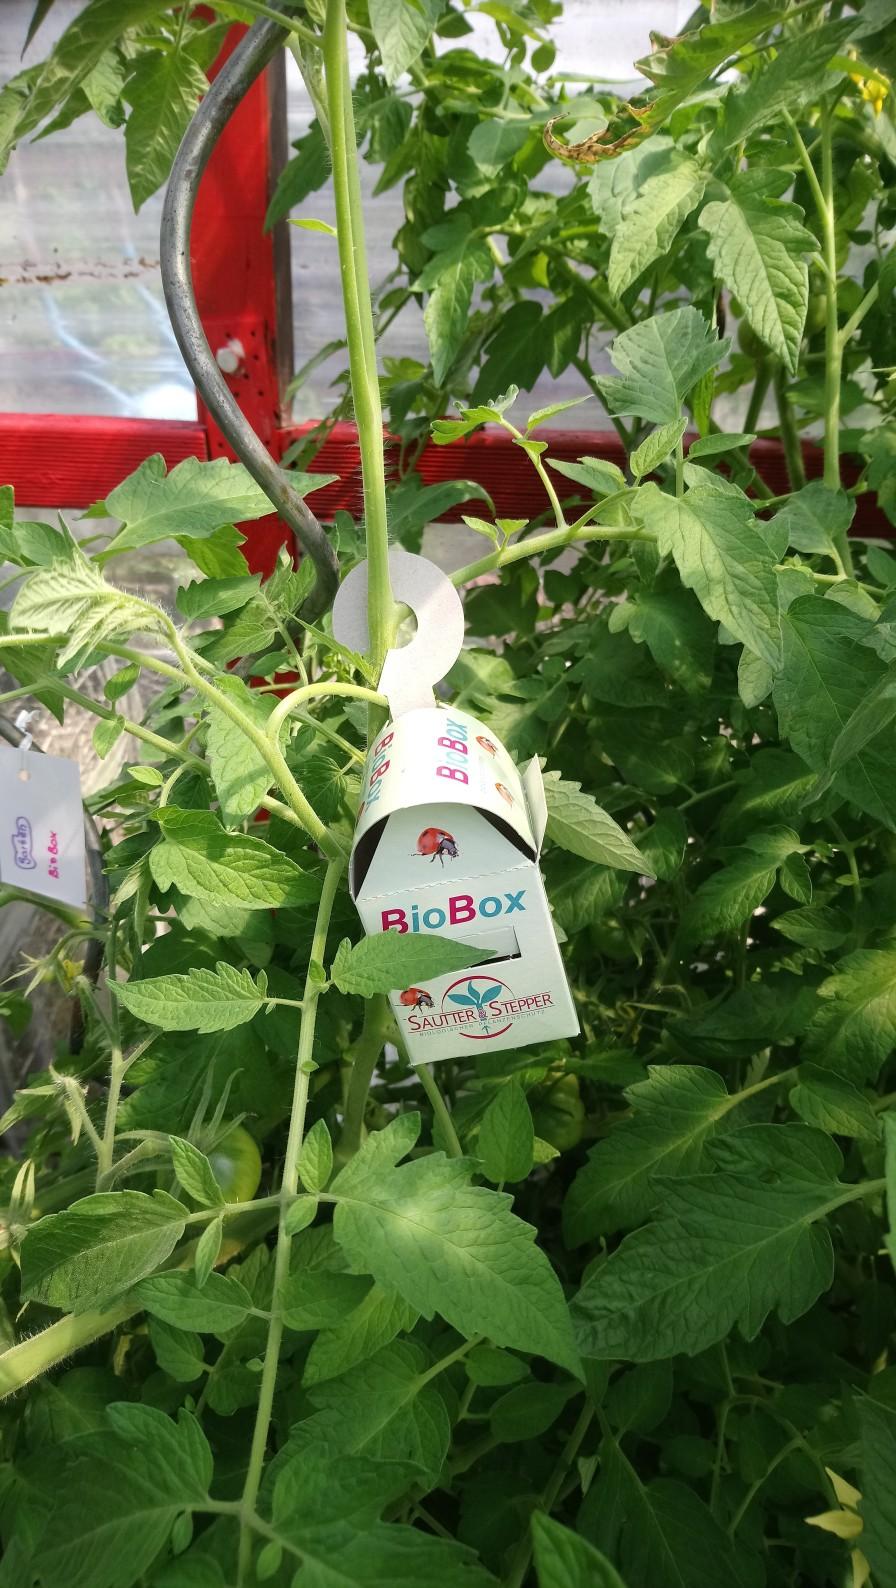 BioBox im Tomatengewächshaus